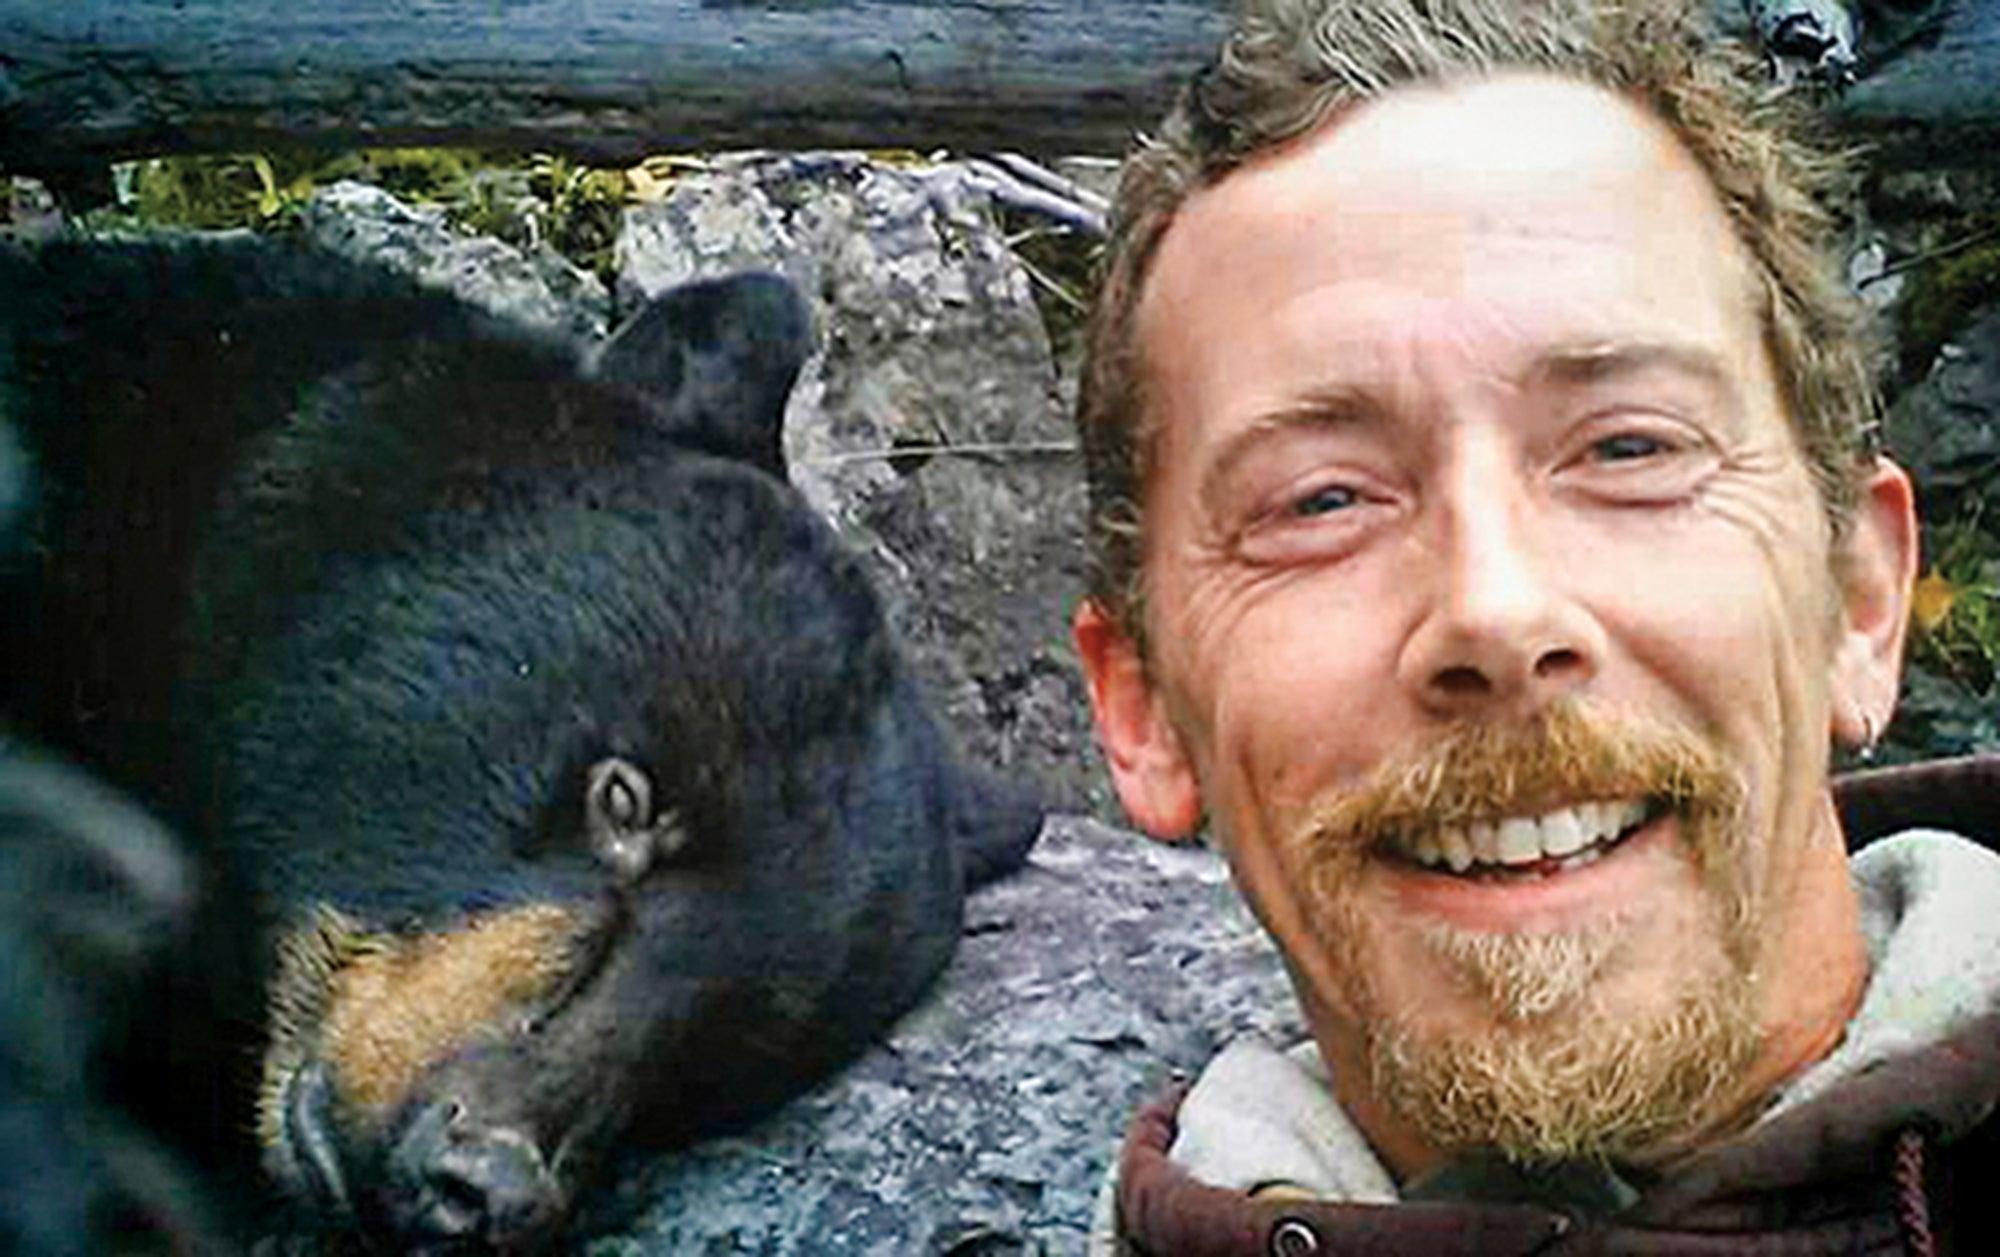 bear hunter survives